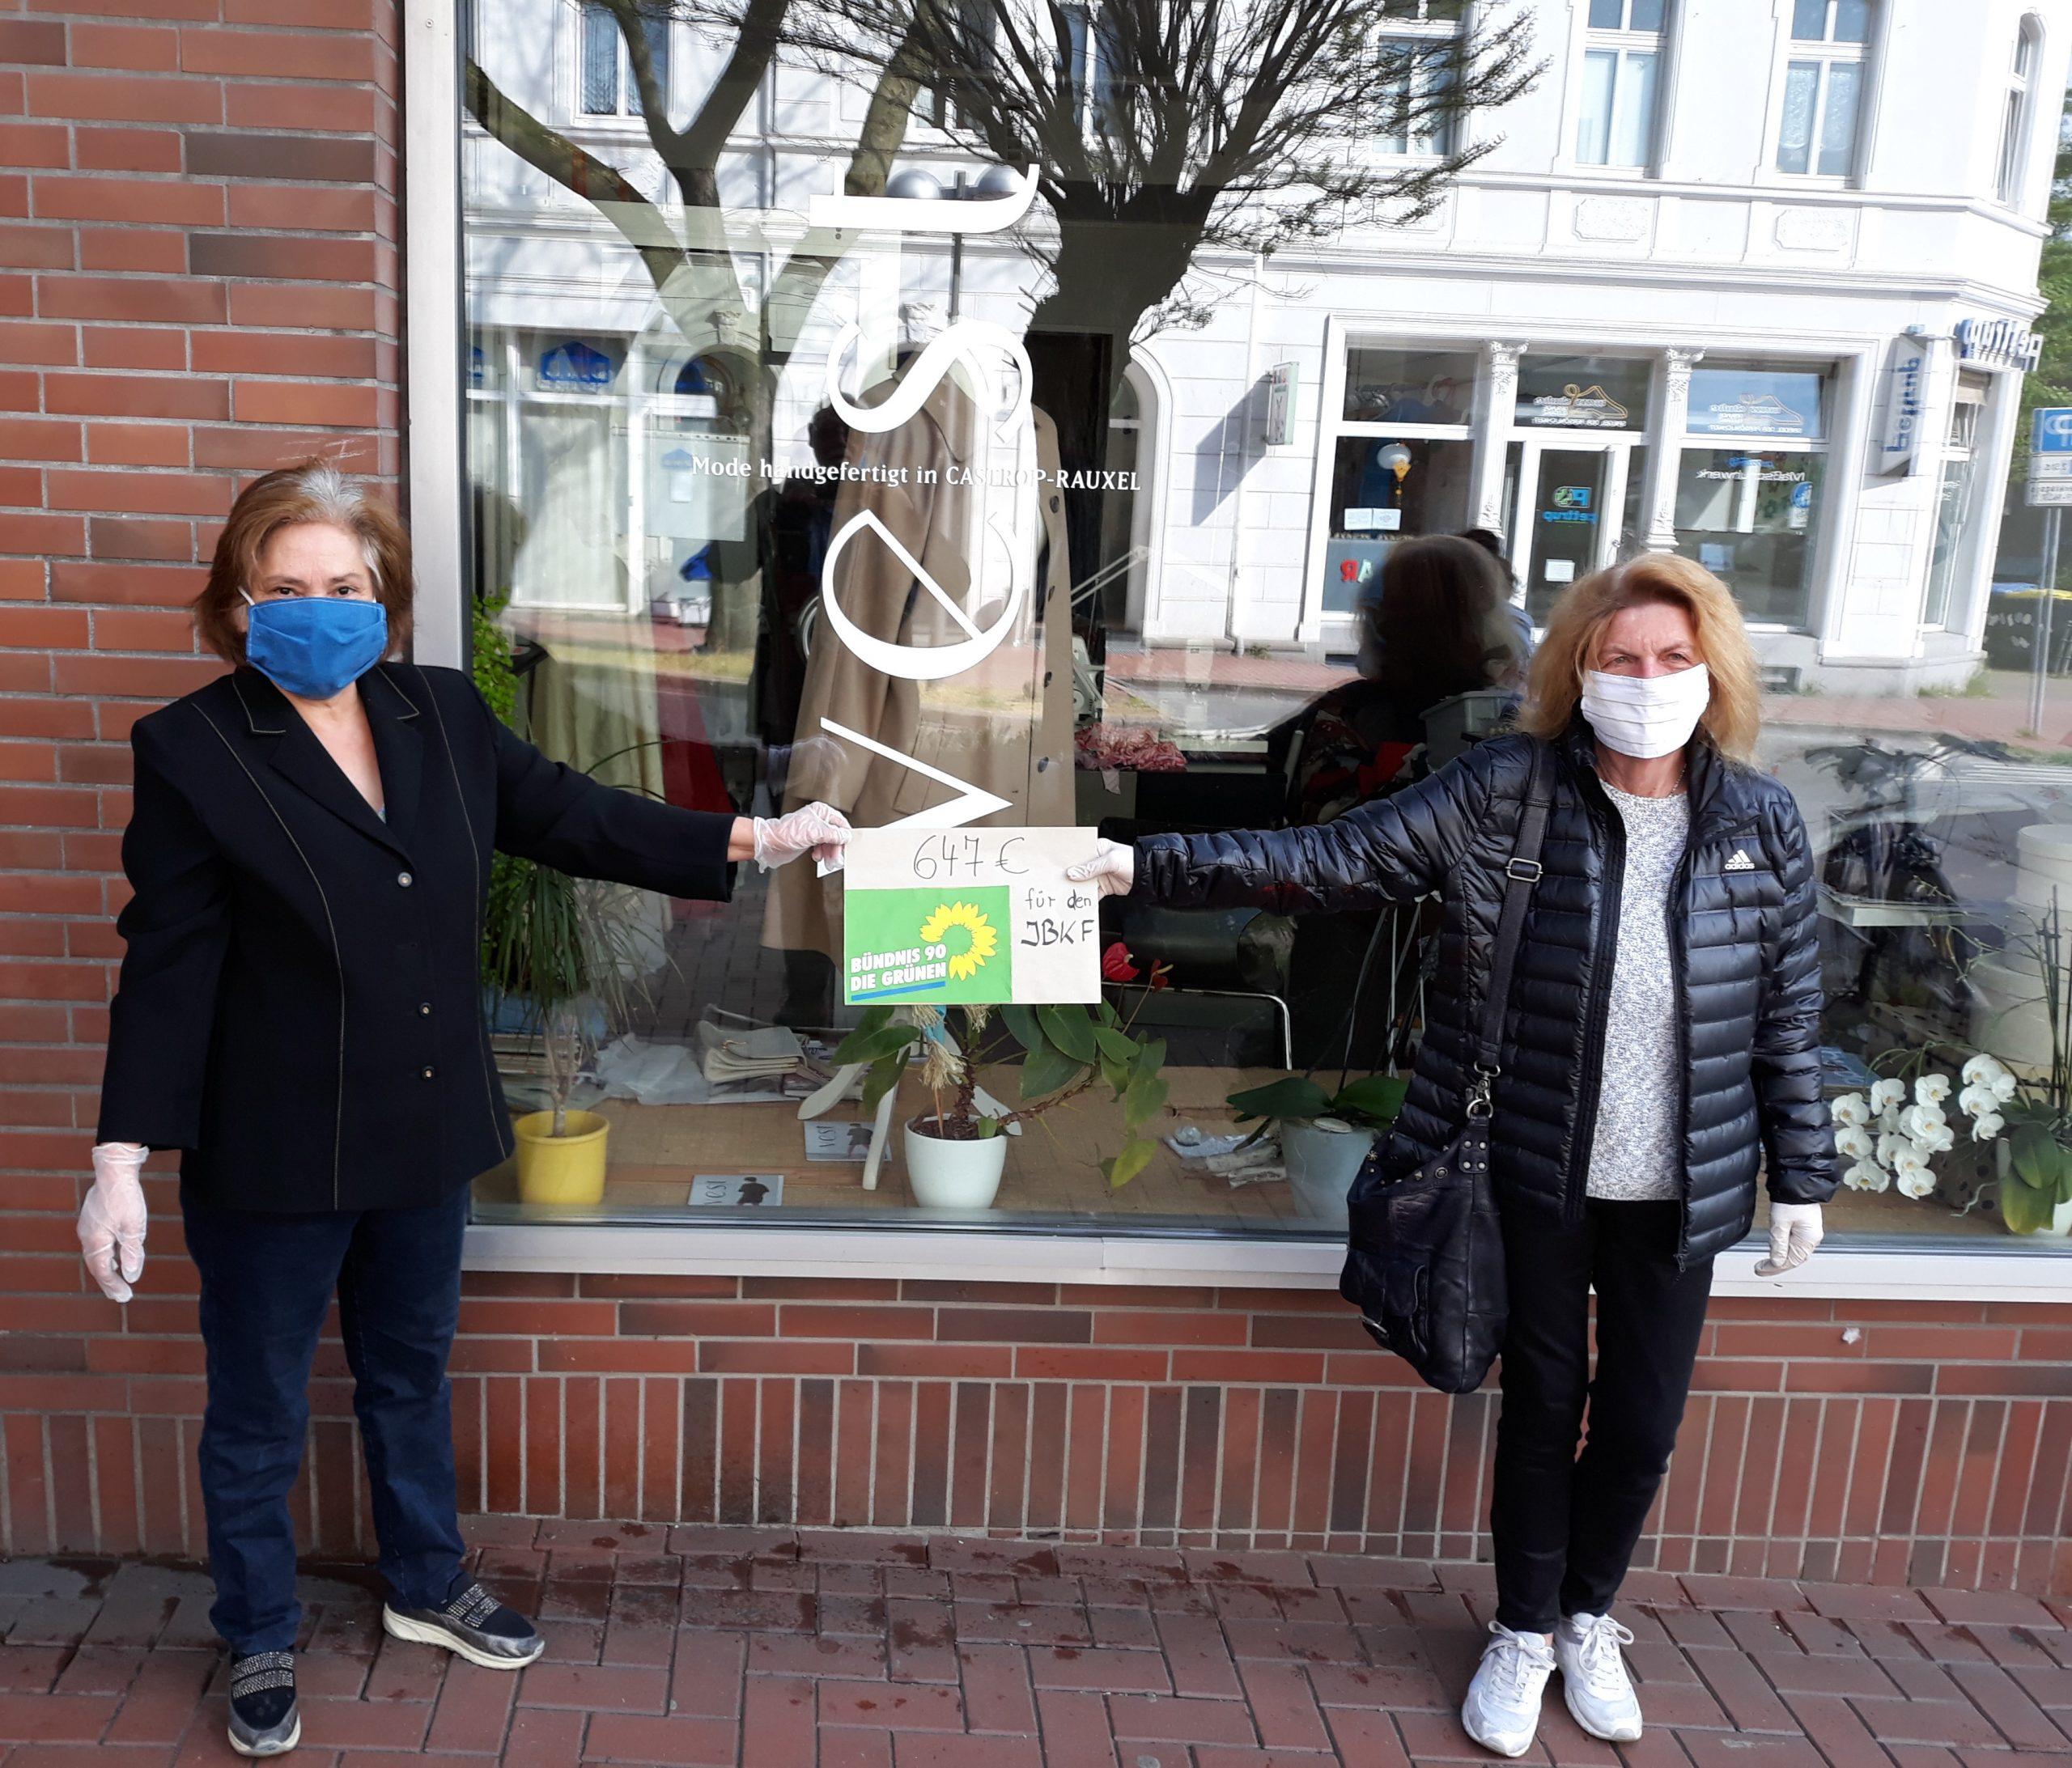 Grüne kooperieren mit IBKF beim Verteilen von Mund-Nase-Masken